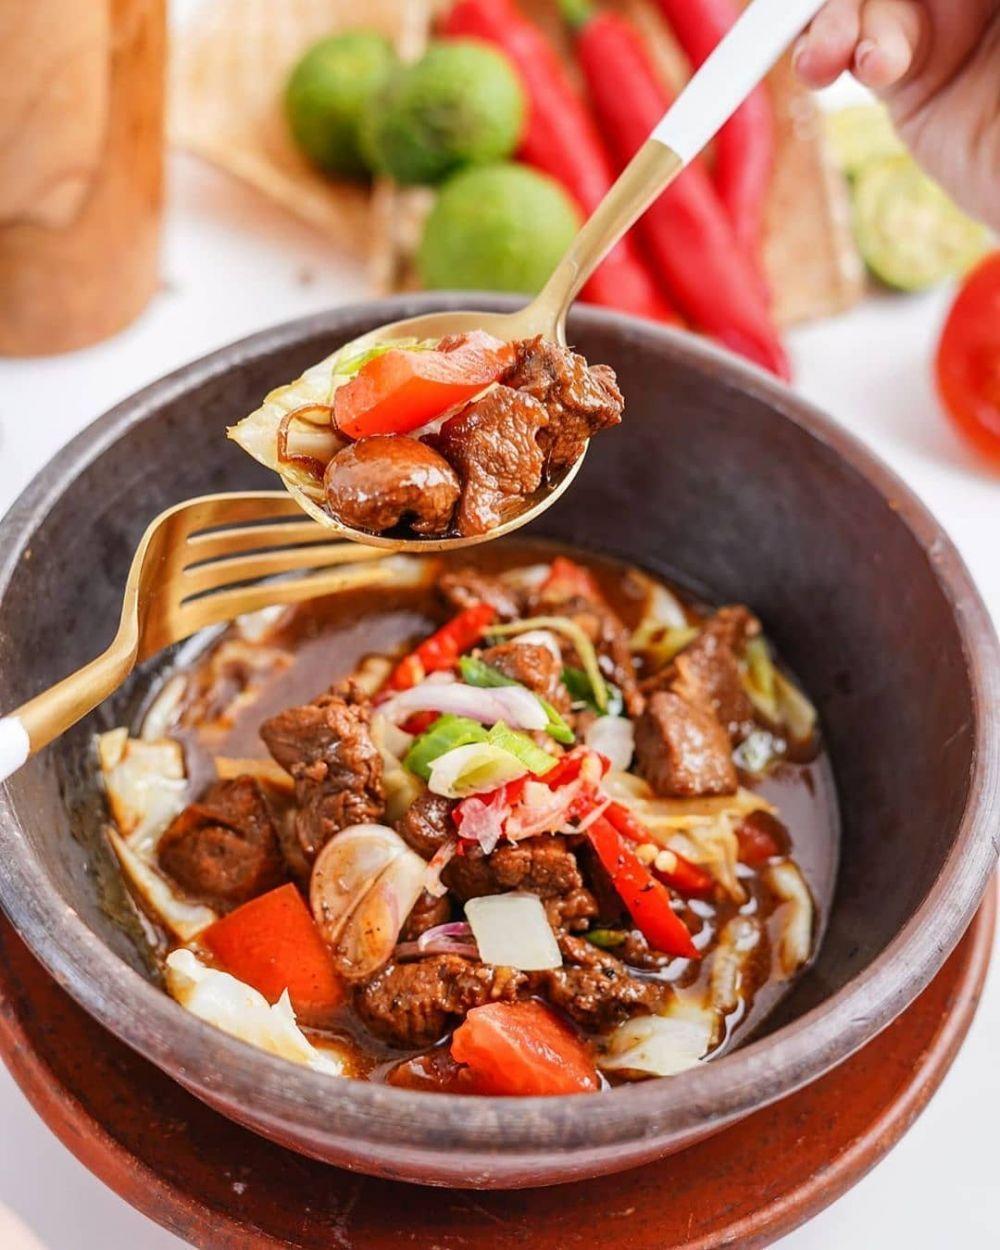 Resep Daging Kambing C 2020 Brilio Net Di 2020 Resep Daging Daging Kambing Ide Makanan